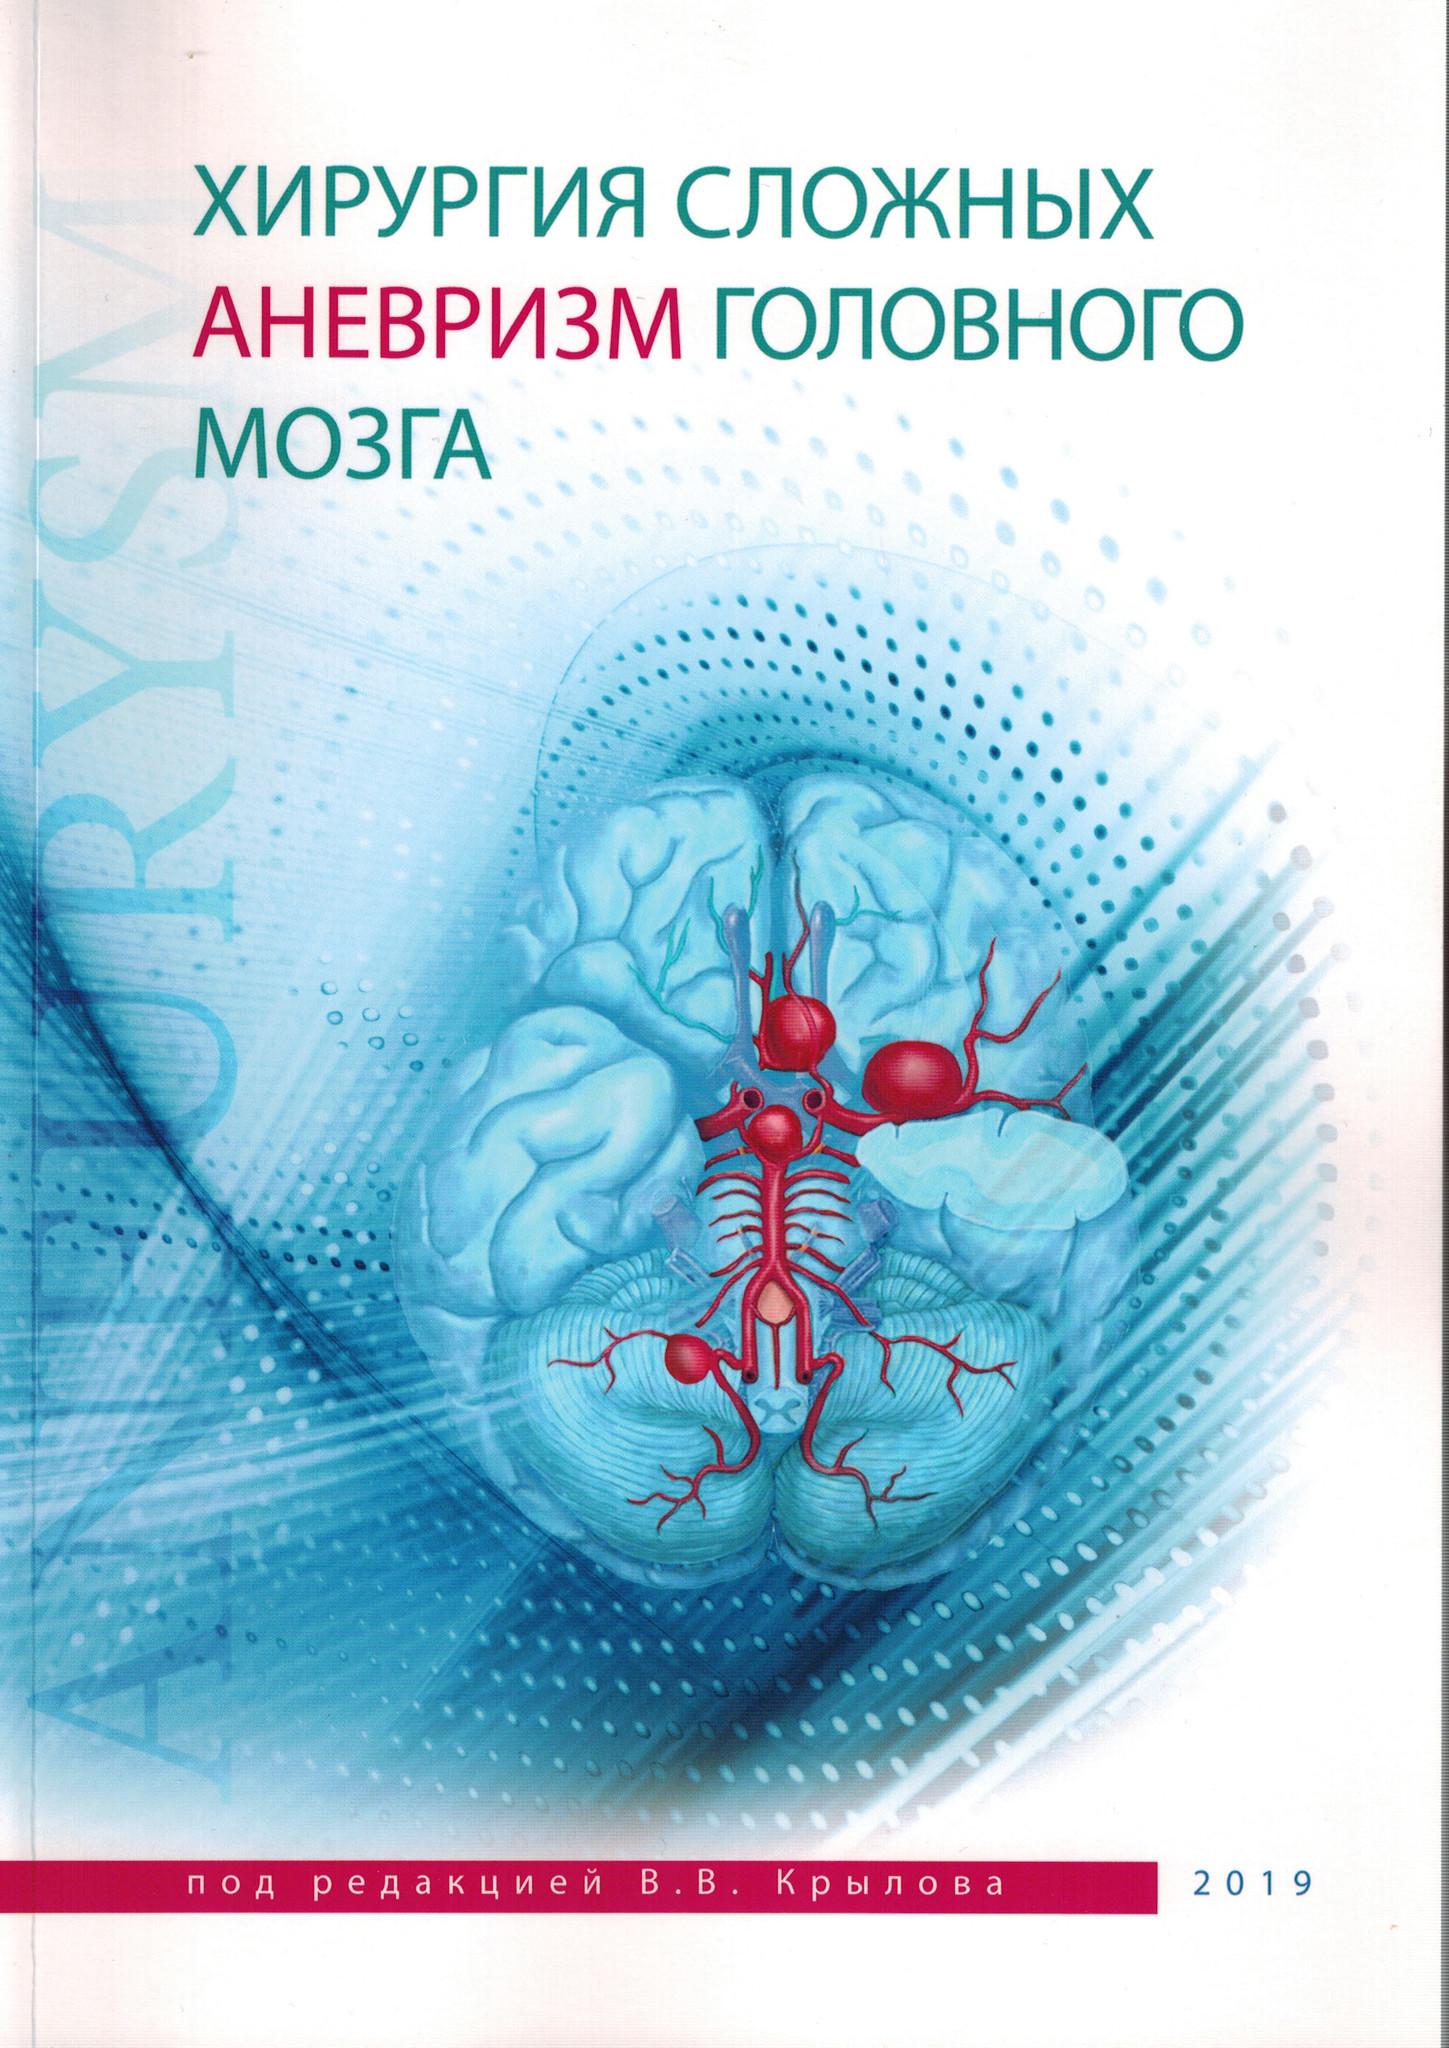 Каталог Хирургия сложных аневризм головного мозга angm.jpg